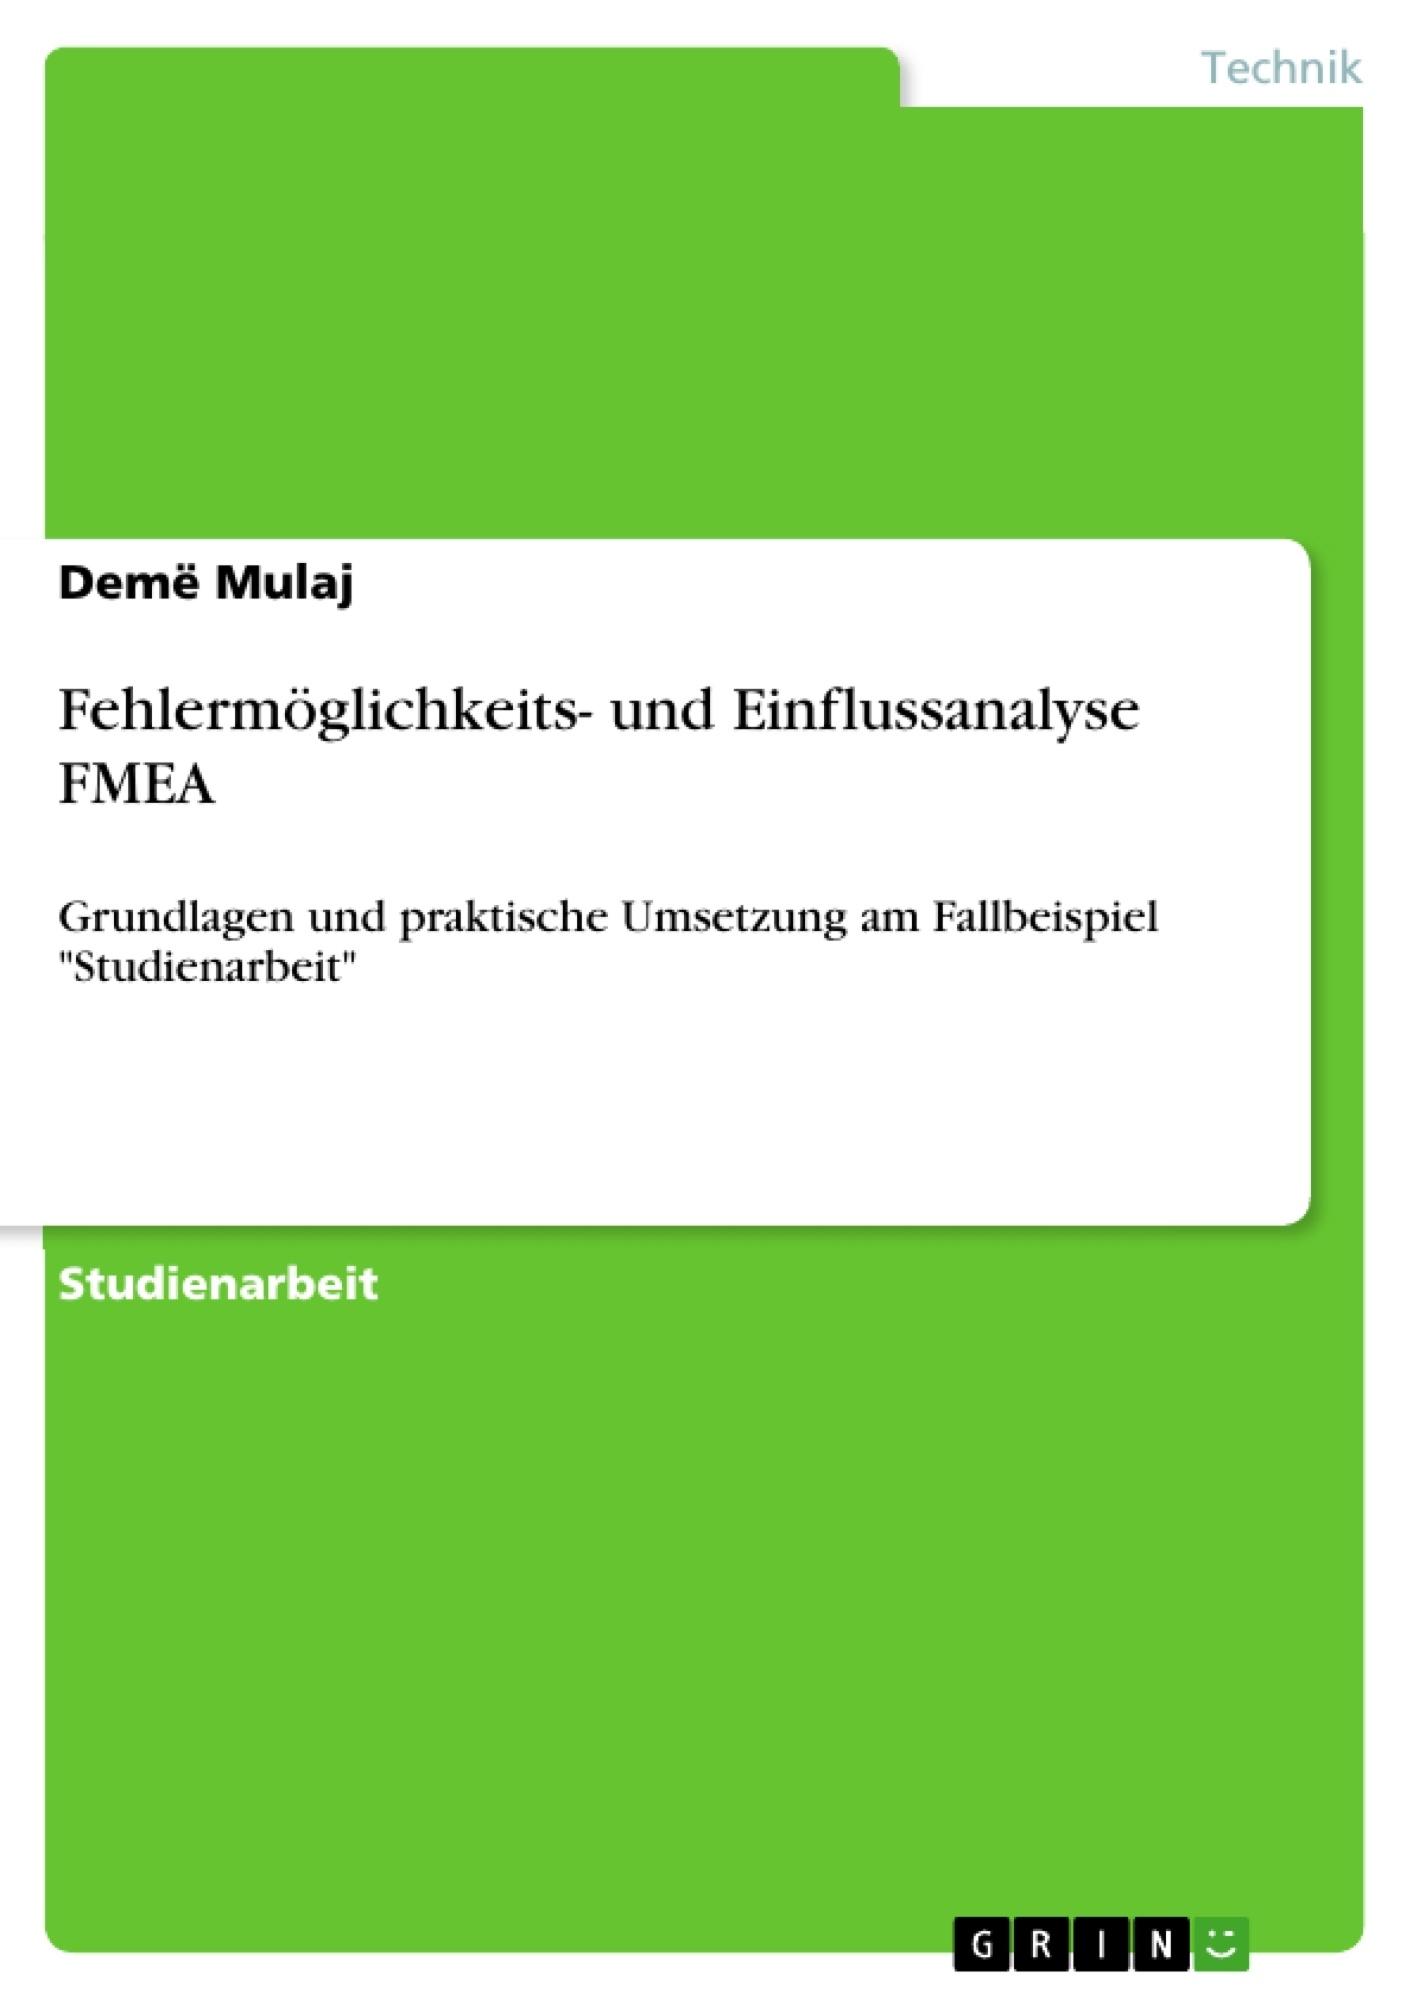 Titel: Fehlermöglichkeits- und Einflussanalyse FMEA